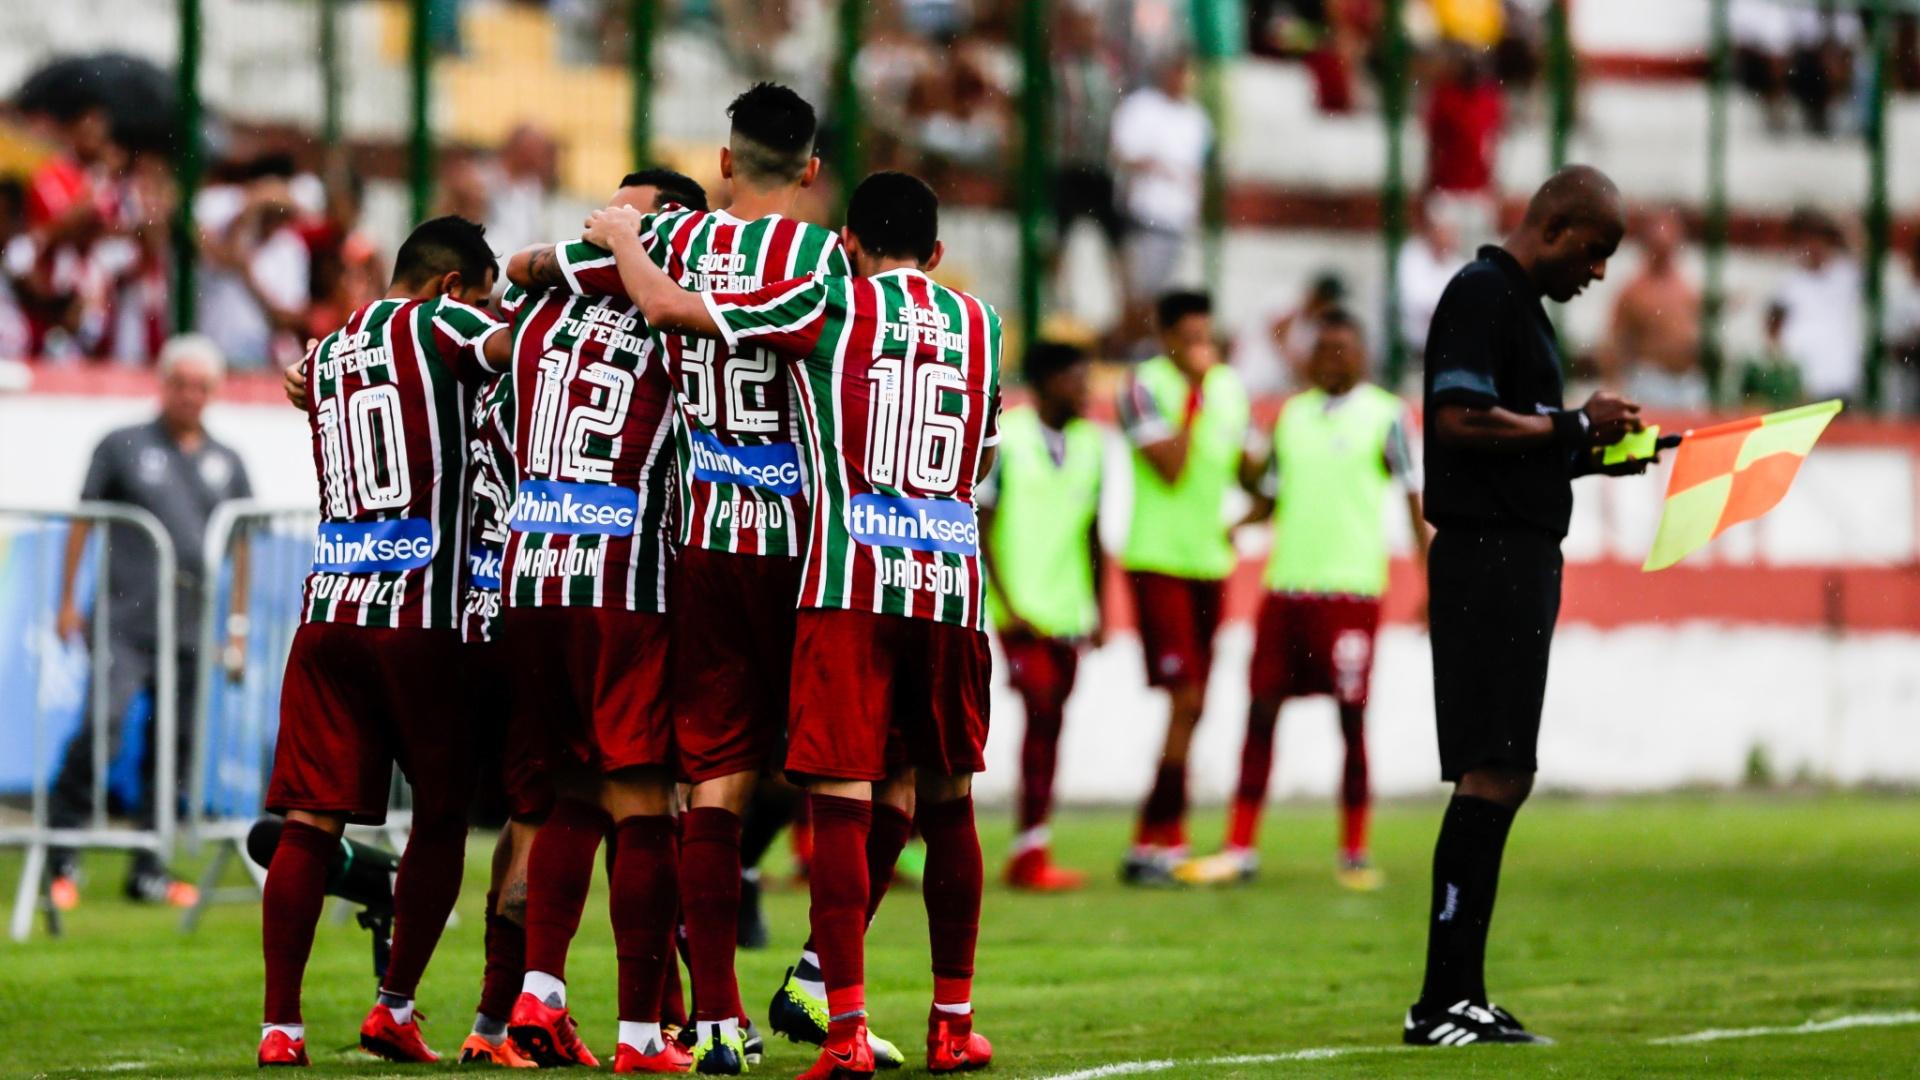 Jogadores do Fluminense comemoram gol diante do Bangu em jogo pela Taça Rio (segundo turno do Carioca) de 2018